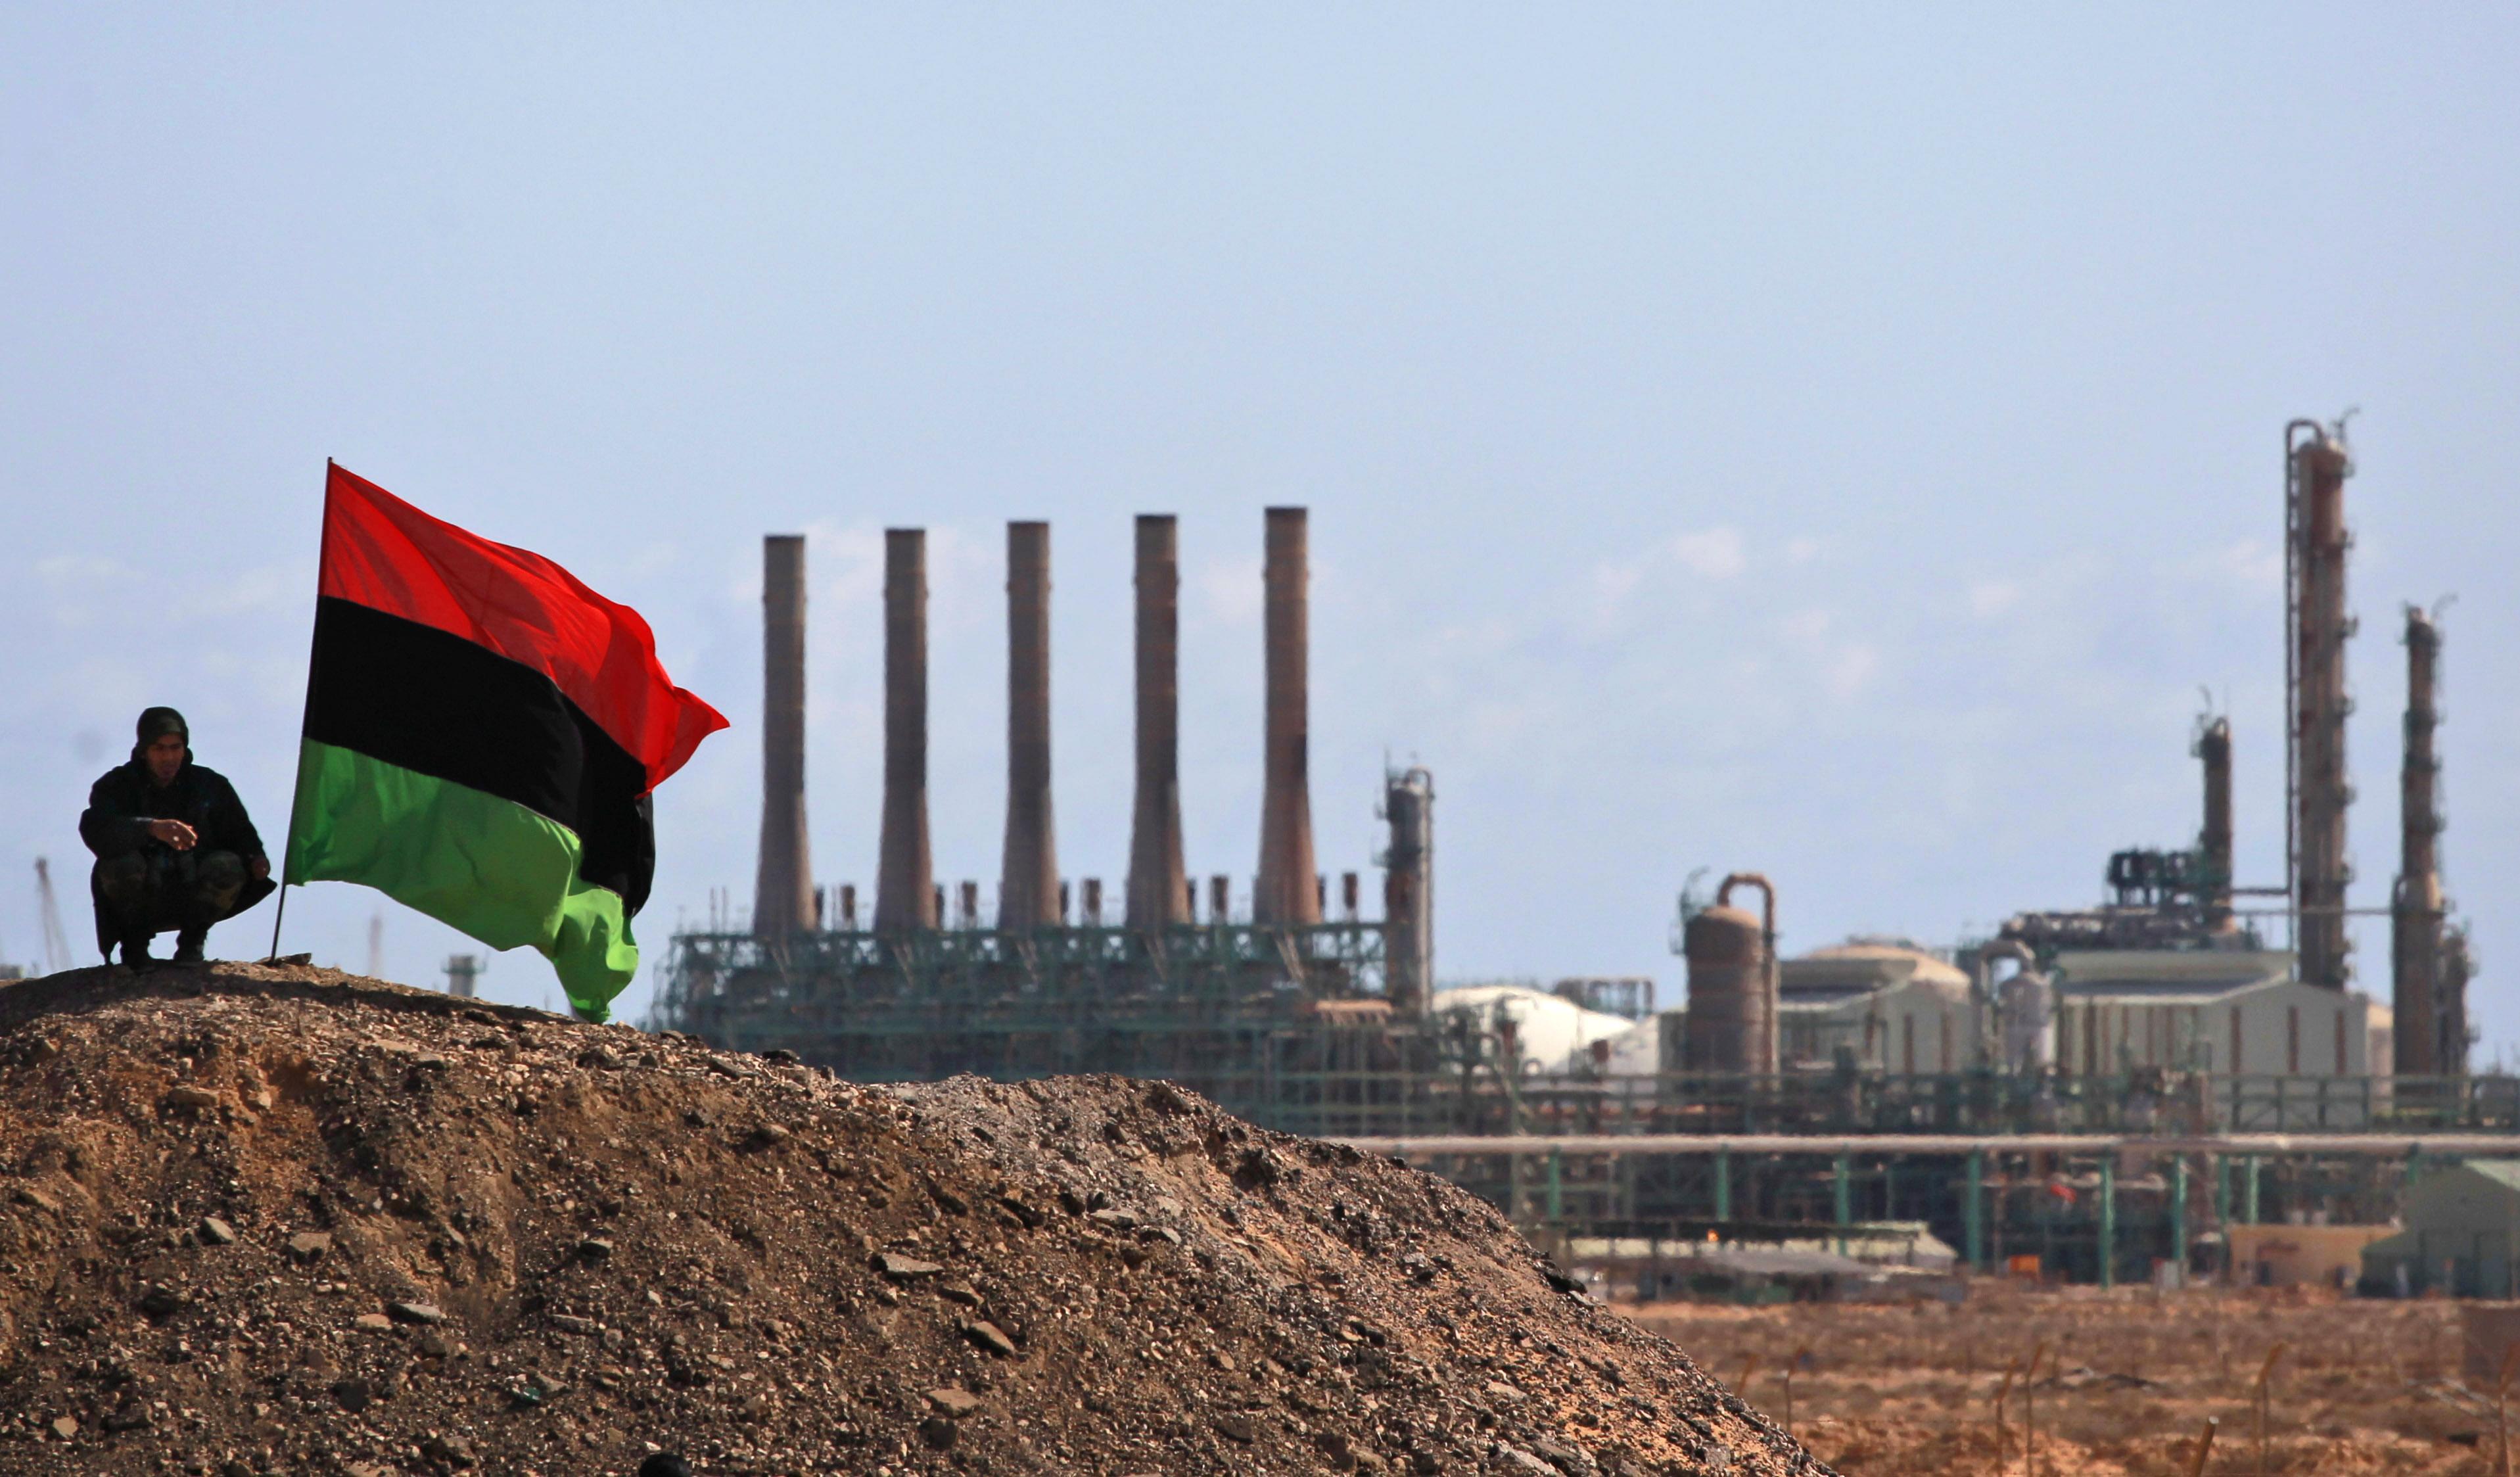 Libia: sospese le esportazioni di petrolio dall'est